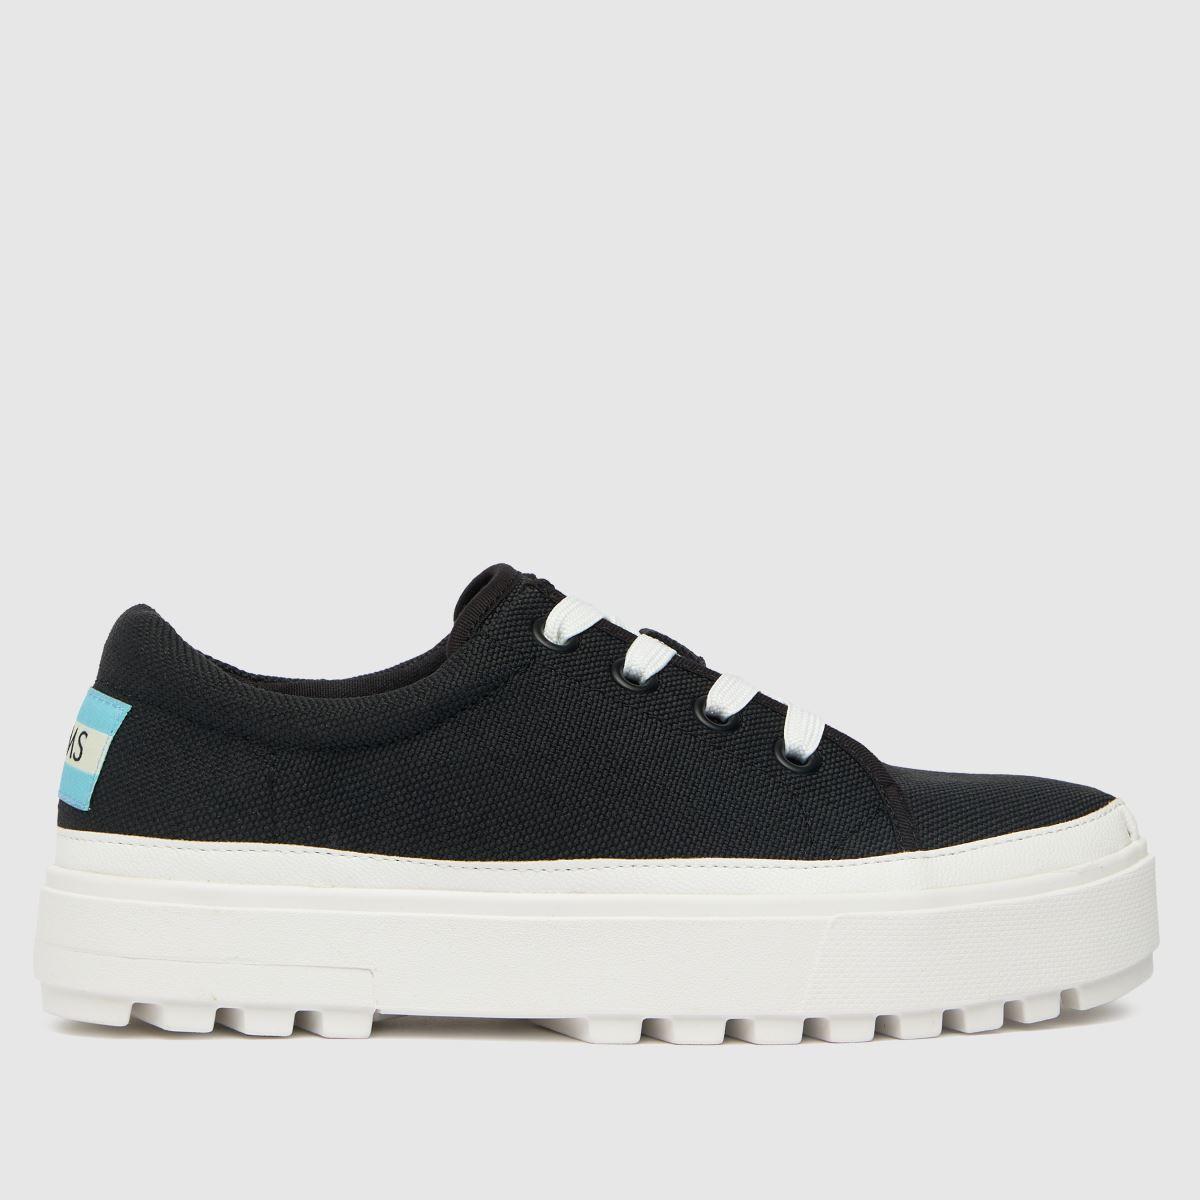 TOMS Black Lace Up Lug Flat Shoes